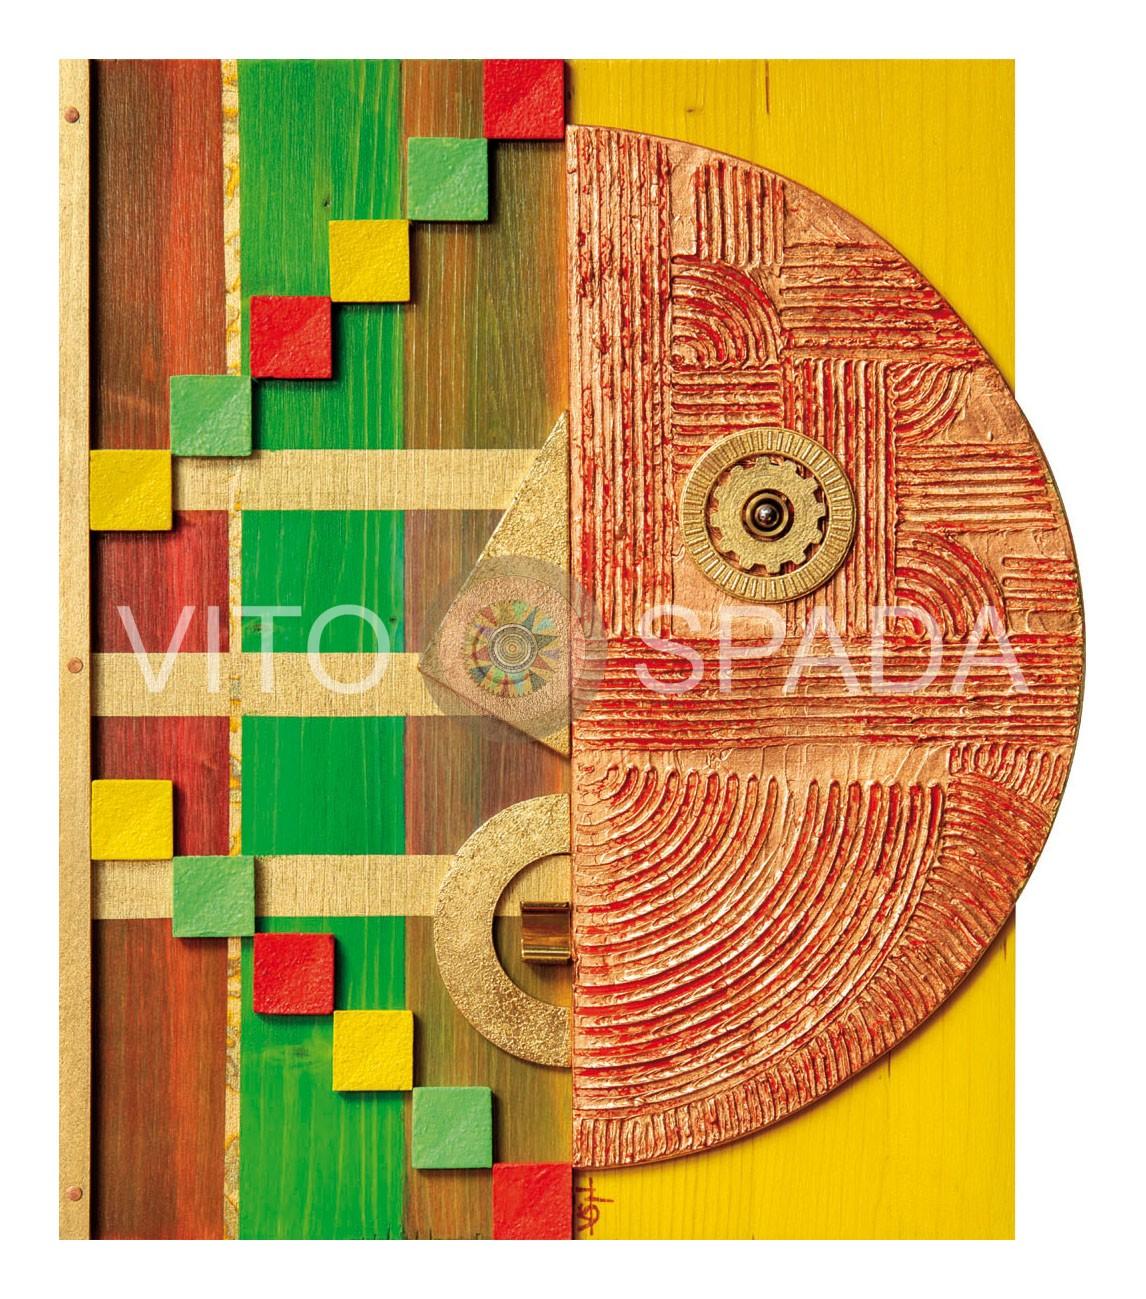 FORME E COLORI IN LIBERTA' - Polimaterico, stucco, acrilico, foglia oro, rame su lamellare in abete, 37x30x3, 2017